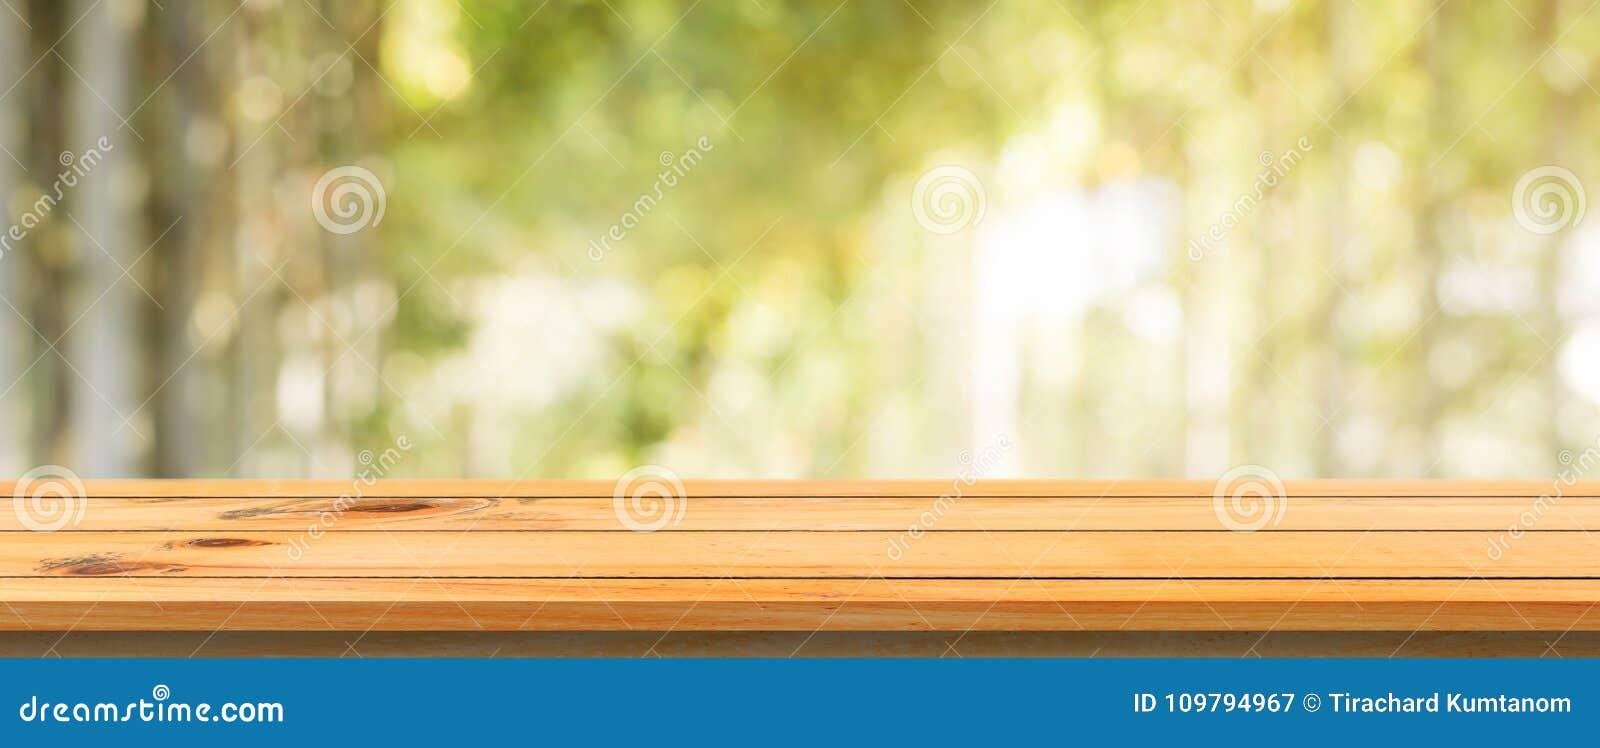 Bakgrund för tom tabell för träbräde suddig Brun wood tabell för perspektiv över bakgrund för suddighetsträdskog